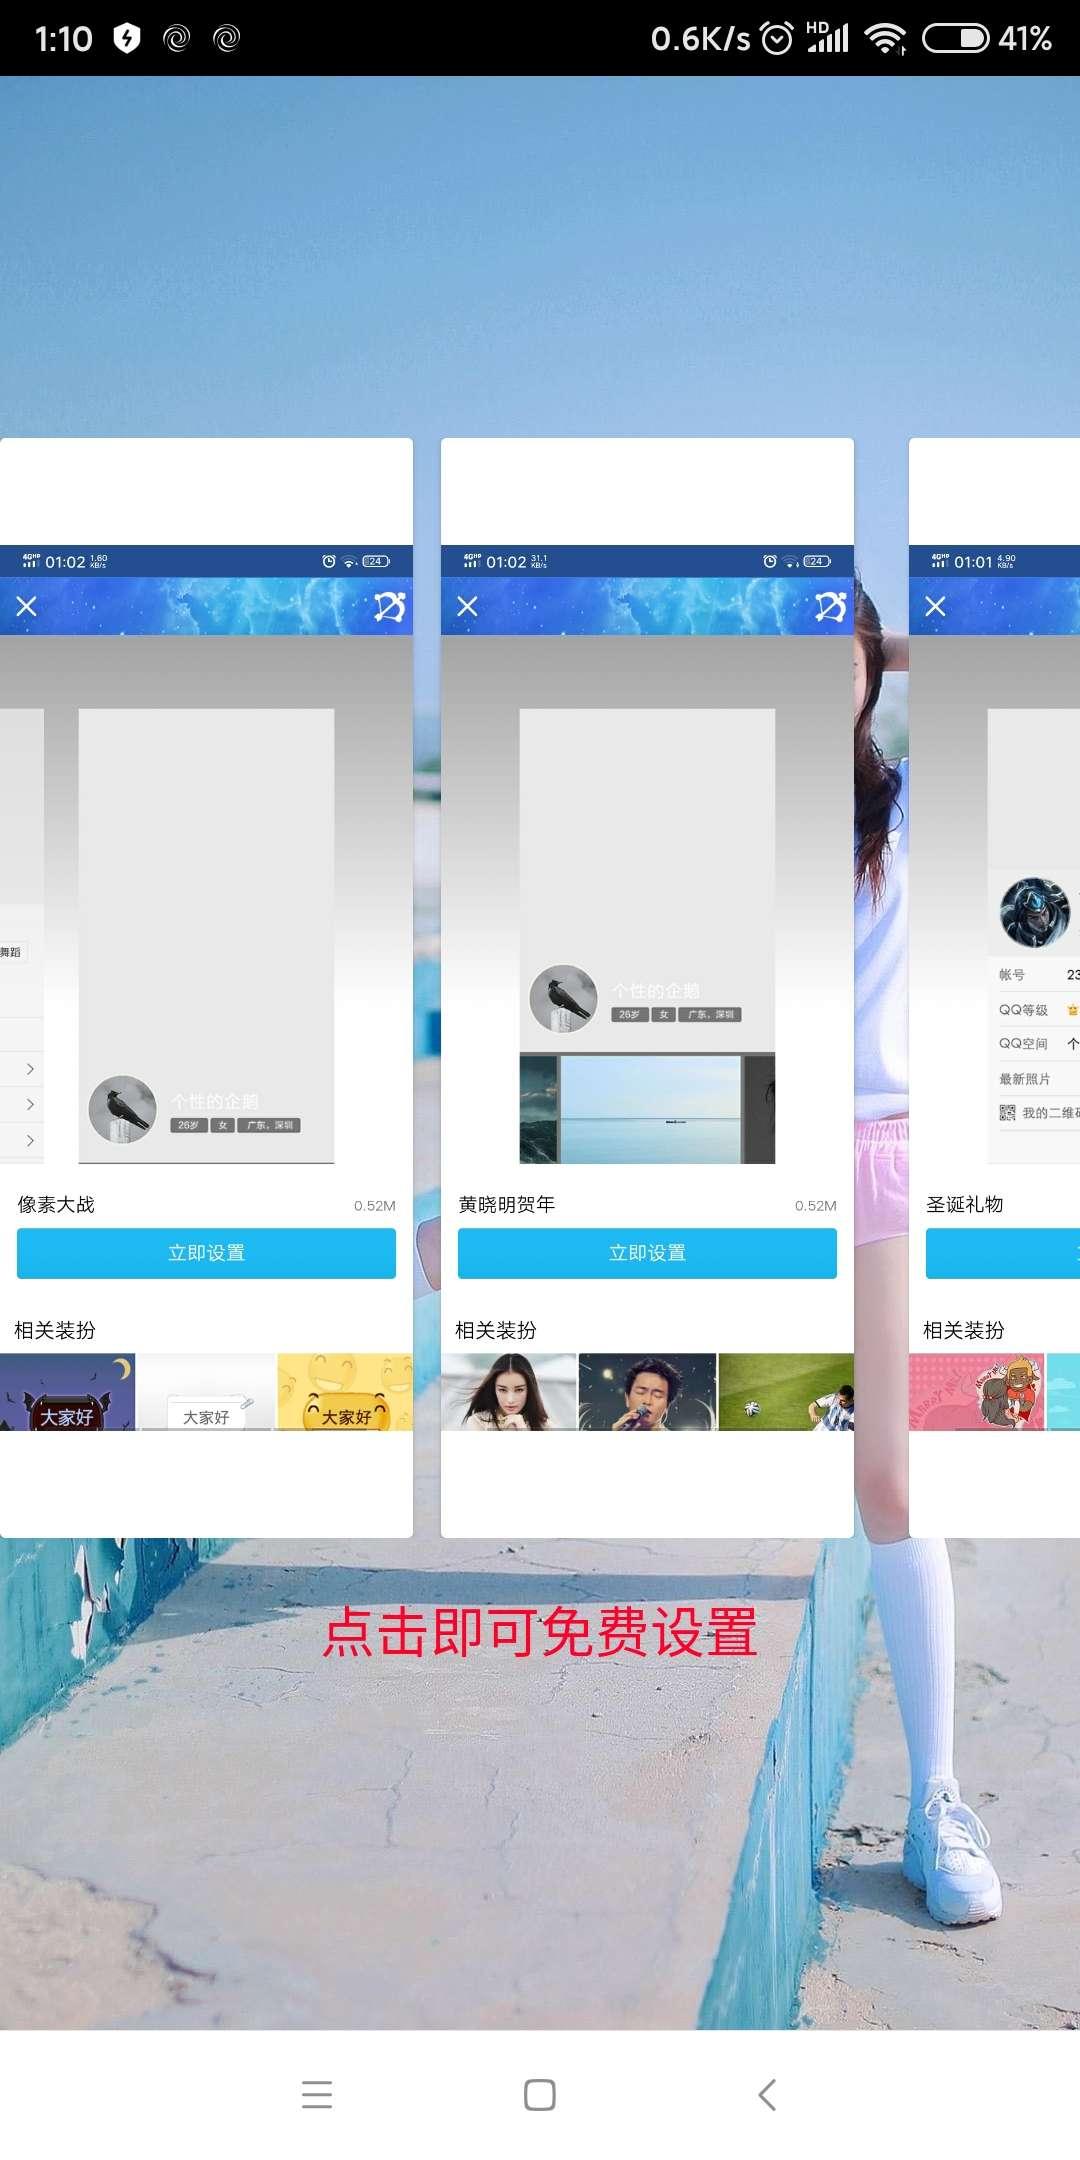 【分享】 QQ空白资料背景设置 配合空白资料无敌起飞